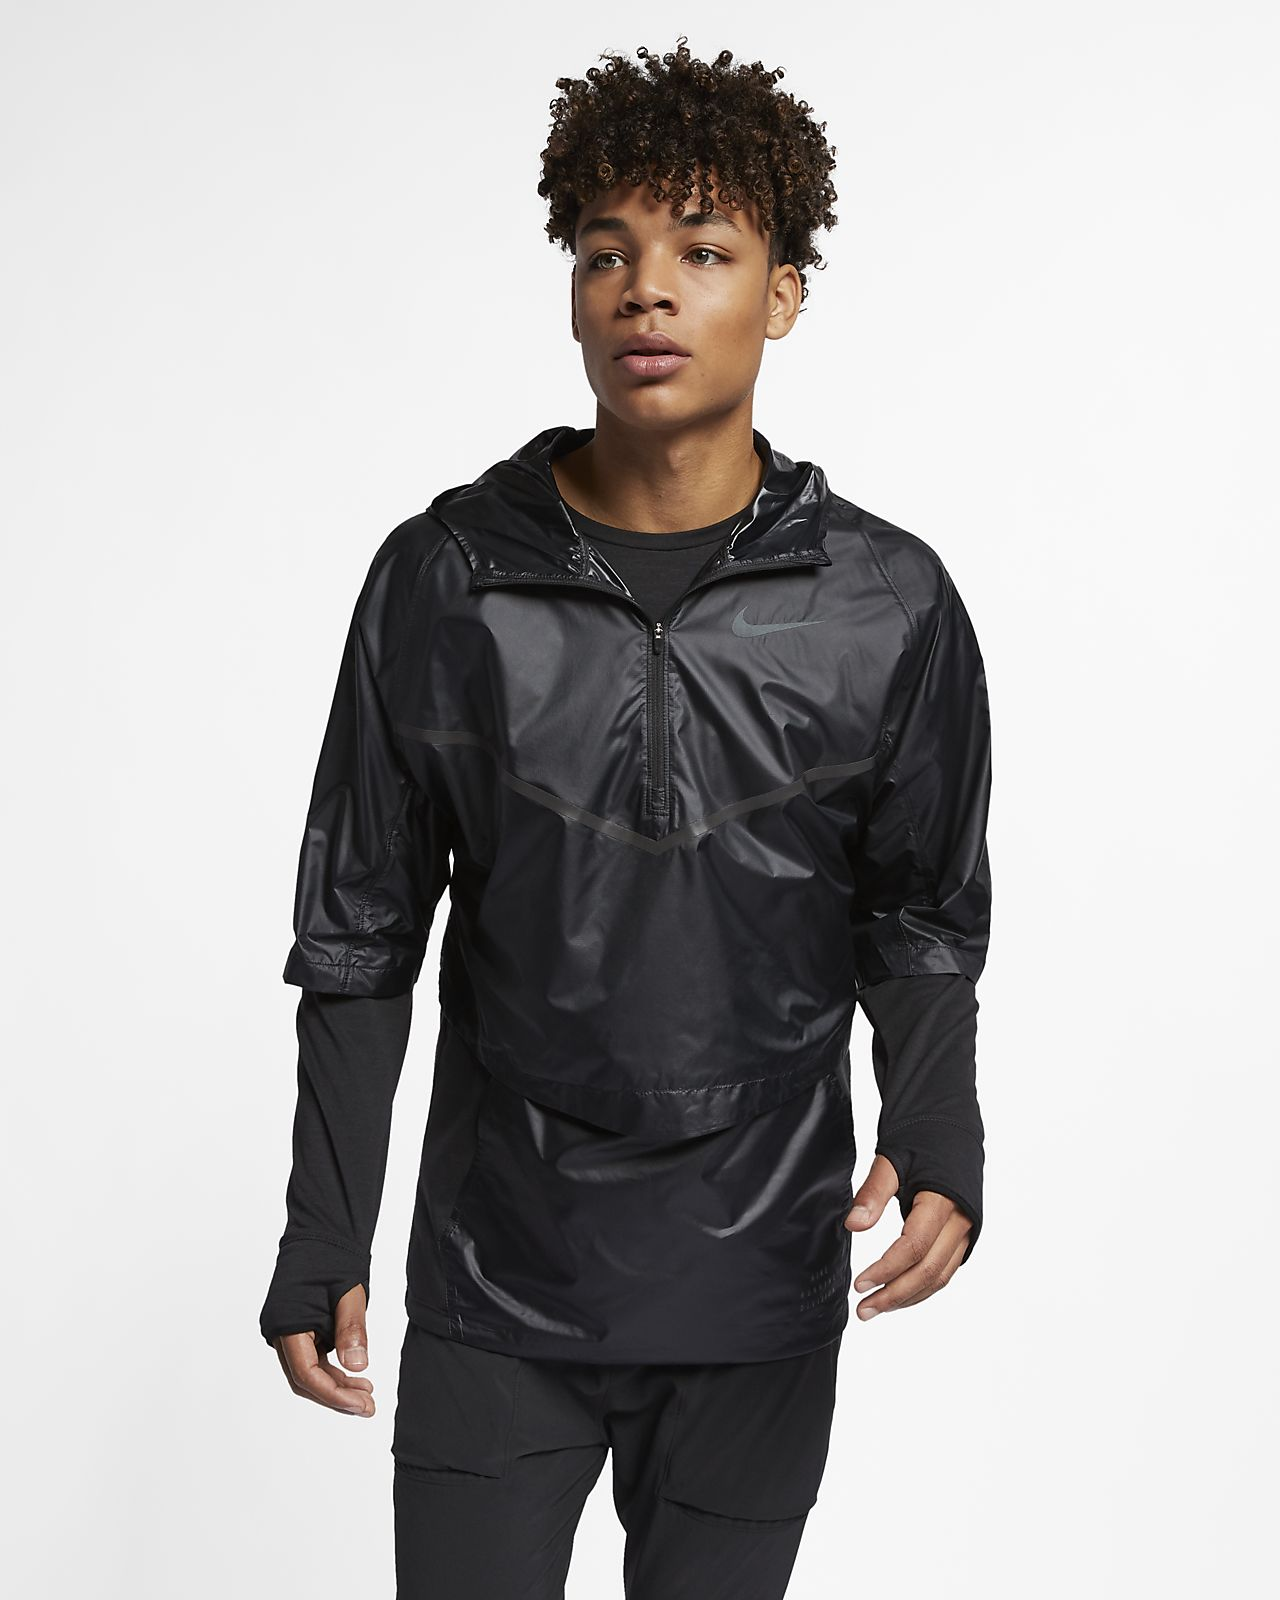 Haut de running Nike Sphere Transform pour Homme